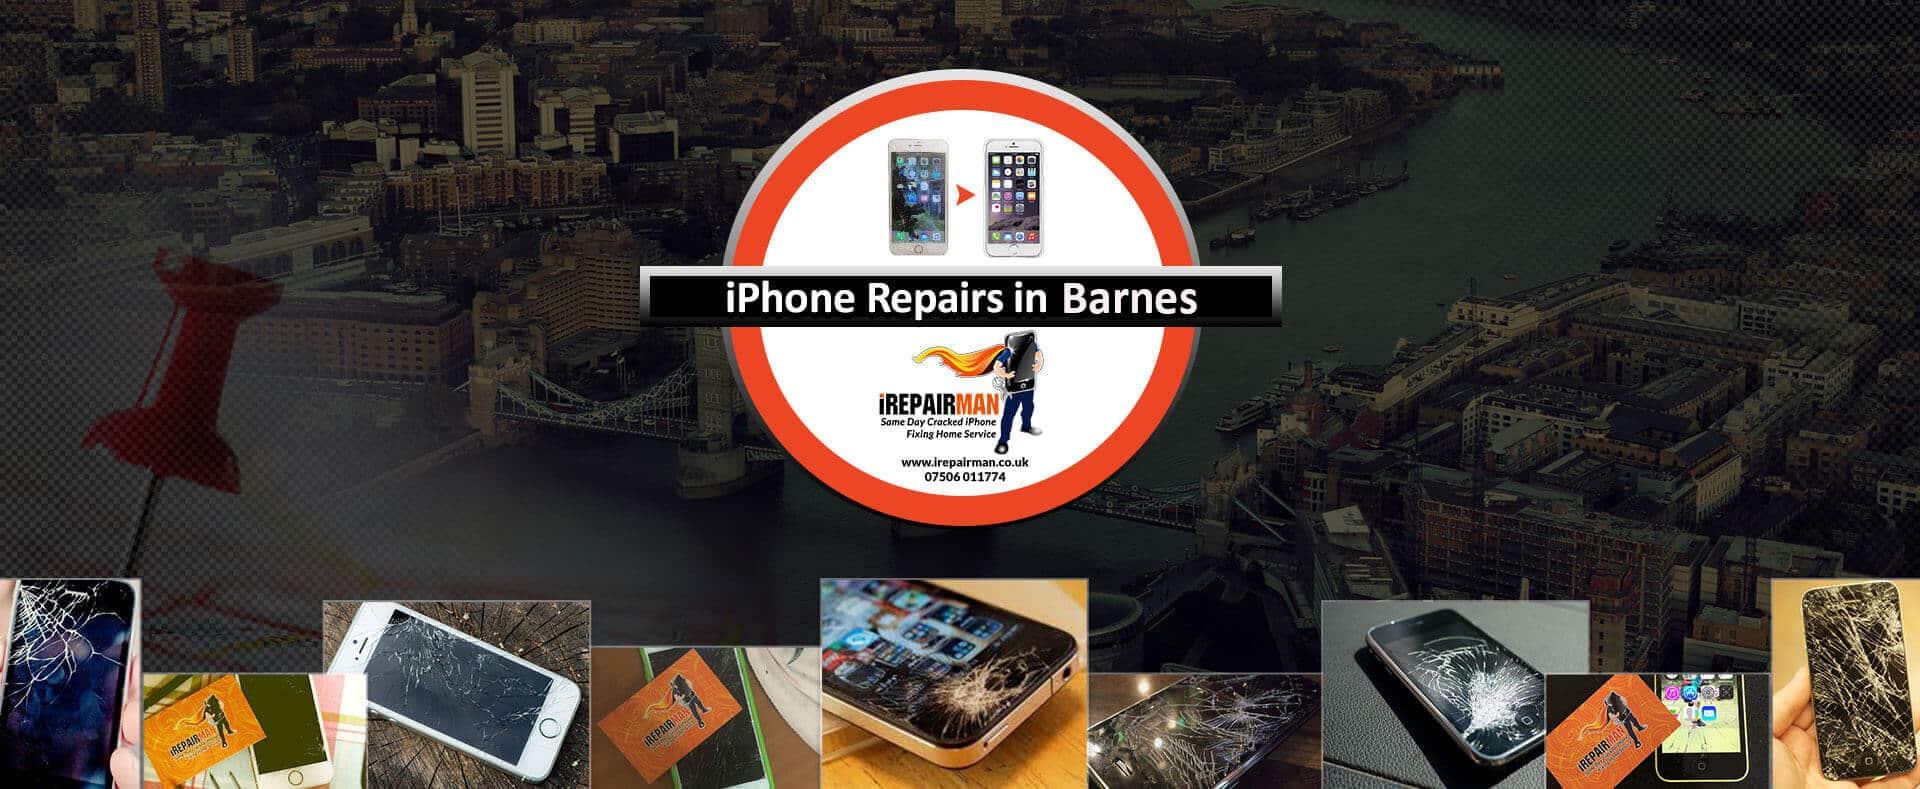 iPhone Repairs in Barnes